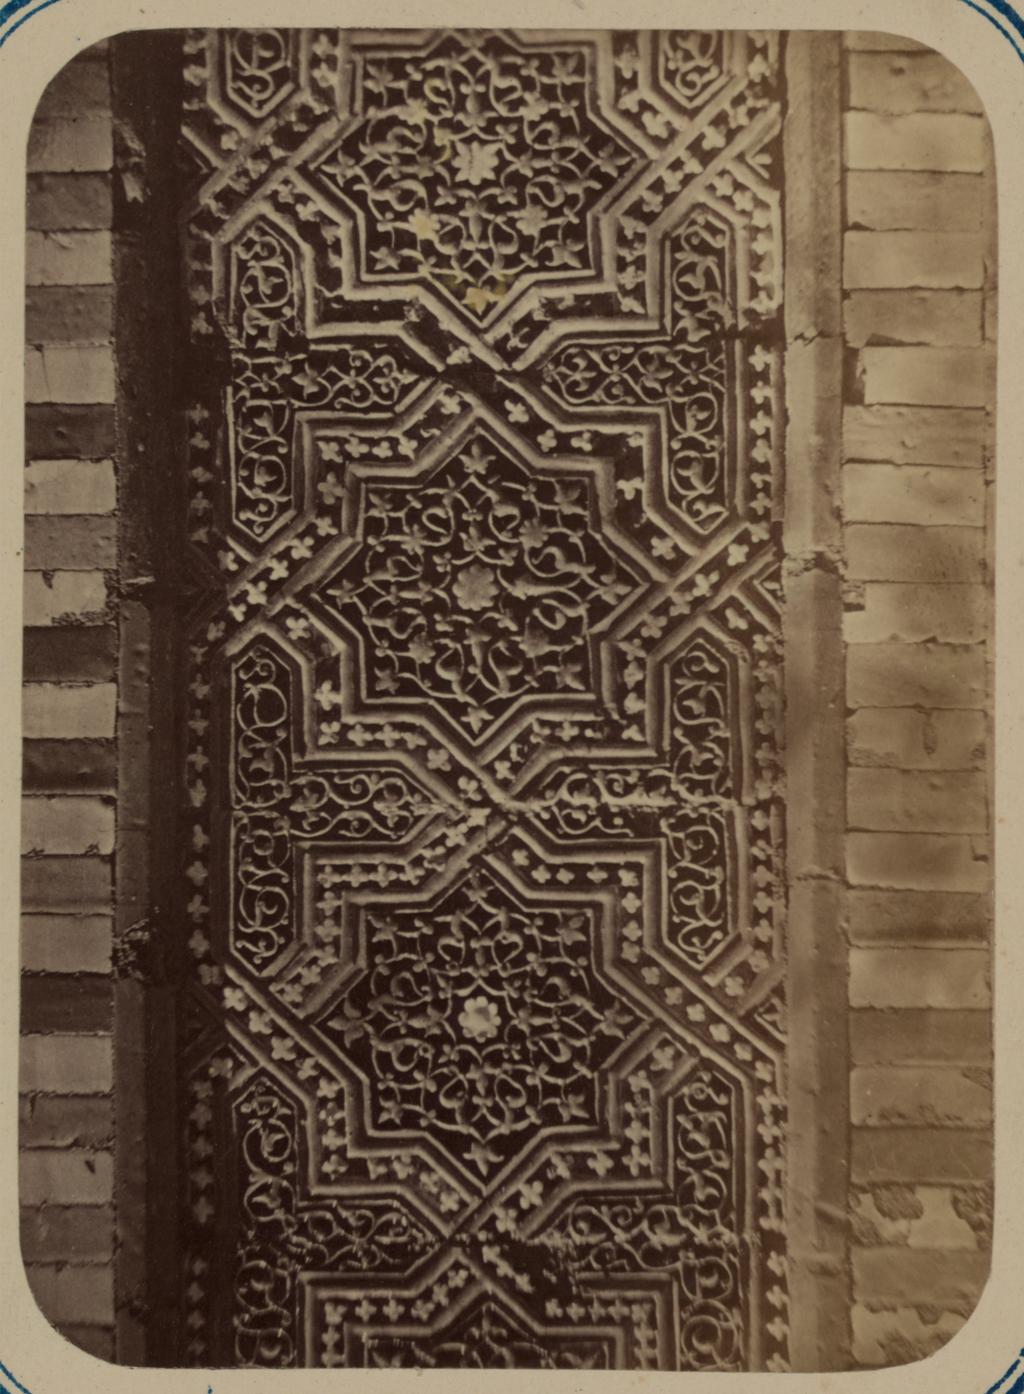 Мавзолей Ша-Арап. Часть отделки на фасаде